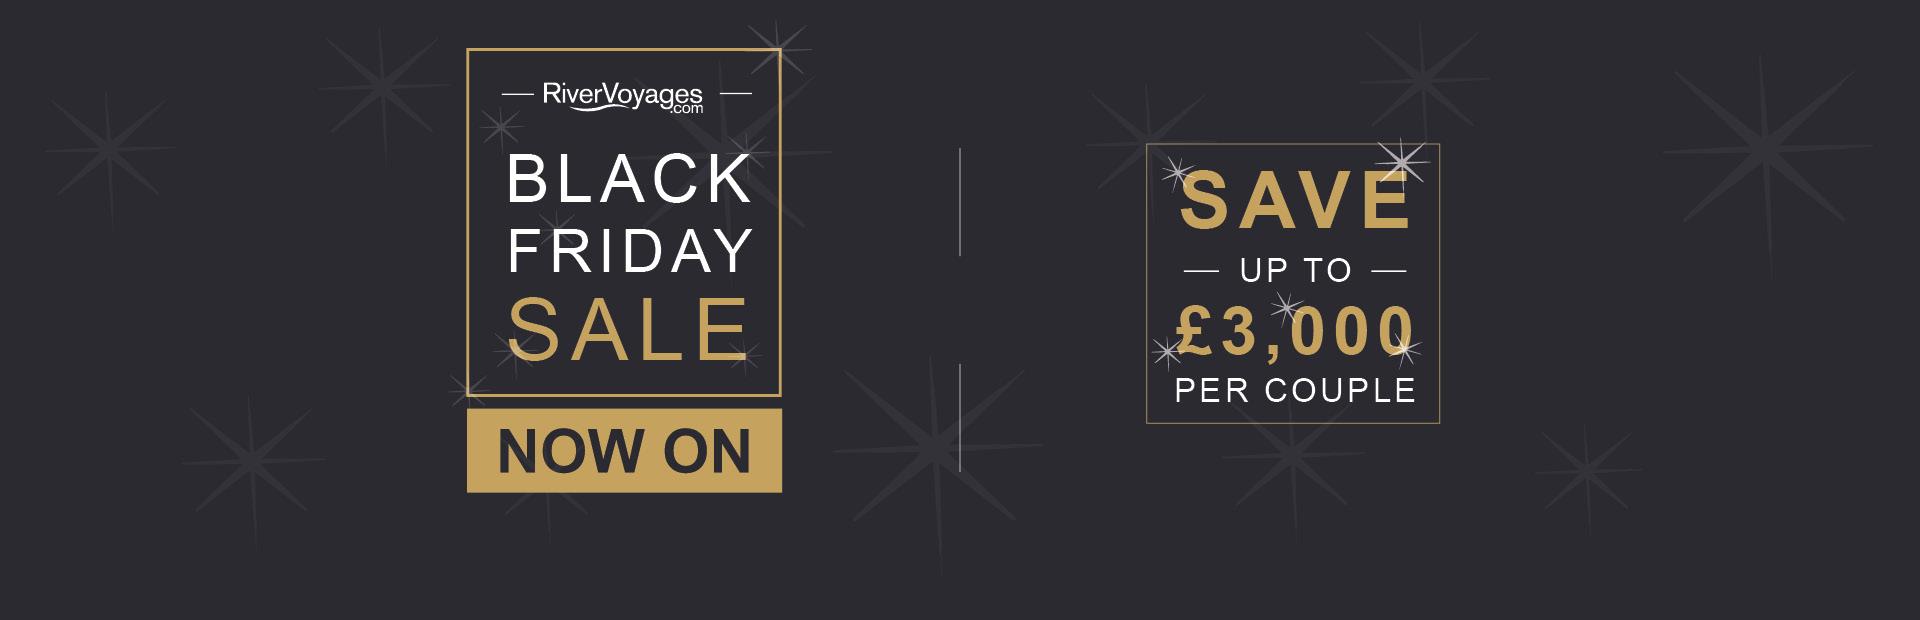 RiverVoyages - Black Friday Sale